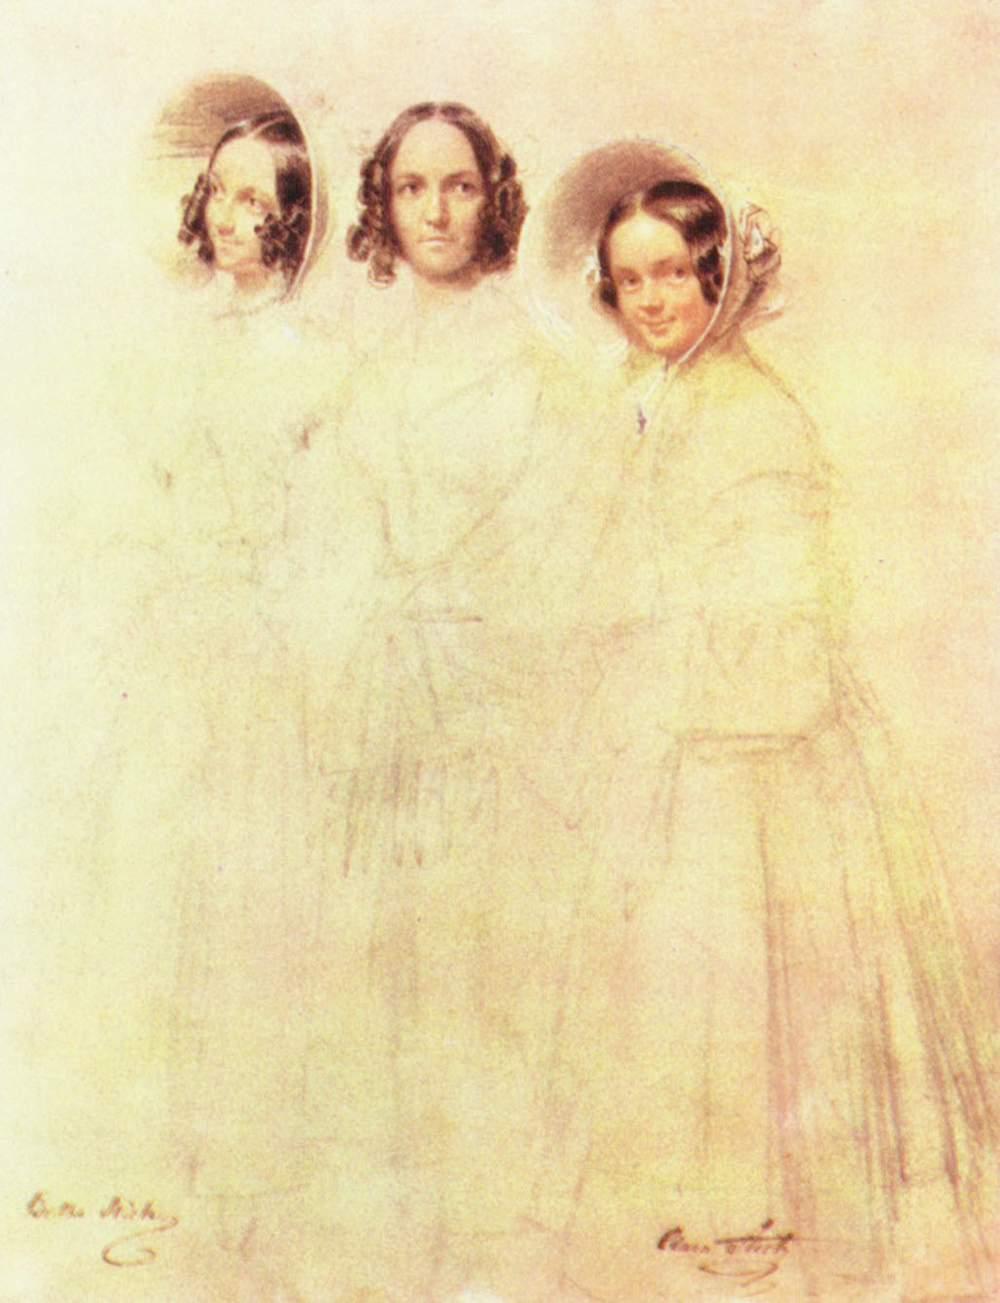 Портрет госпожи Крелингер с дочерьми Бертой и Кларой, Крюгер Франц